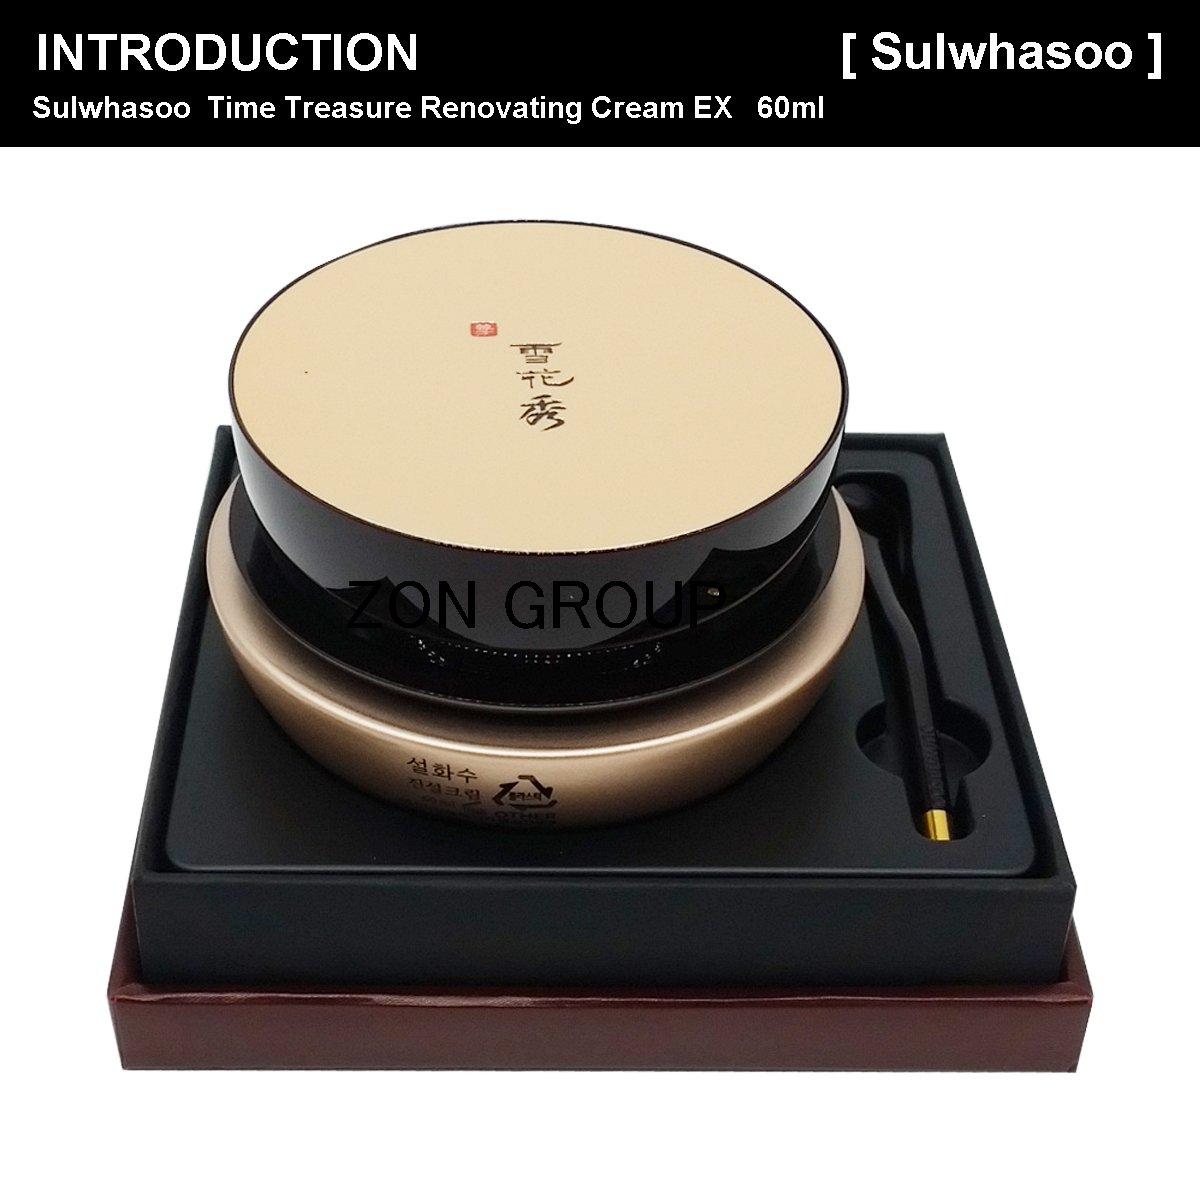 Sulwhasoo Timetreasure Renovating Cream Ex 60ml Gifts Time Treasure Beauty